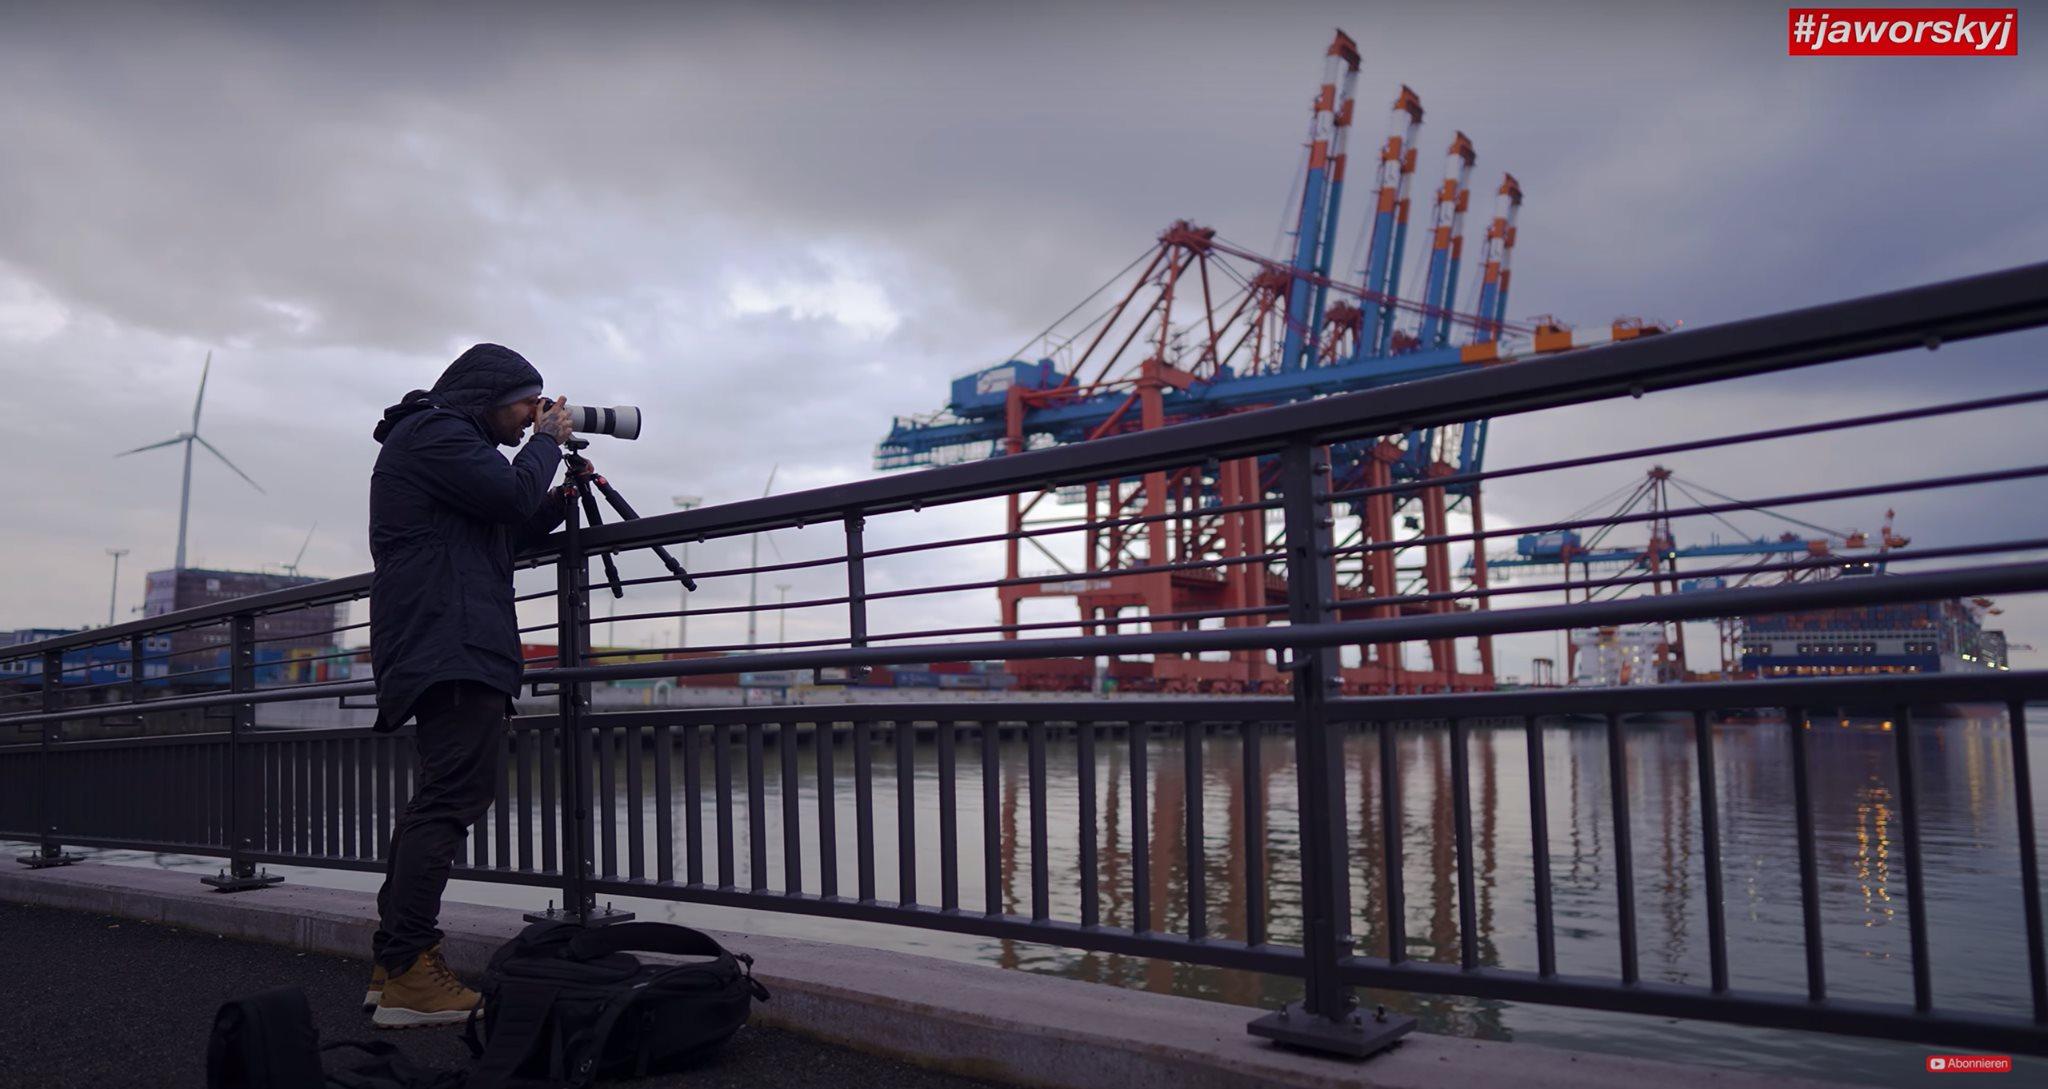 Jaworskyj Foto Reiseführer Hafen Hamburg